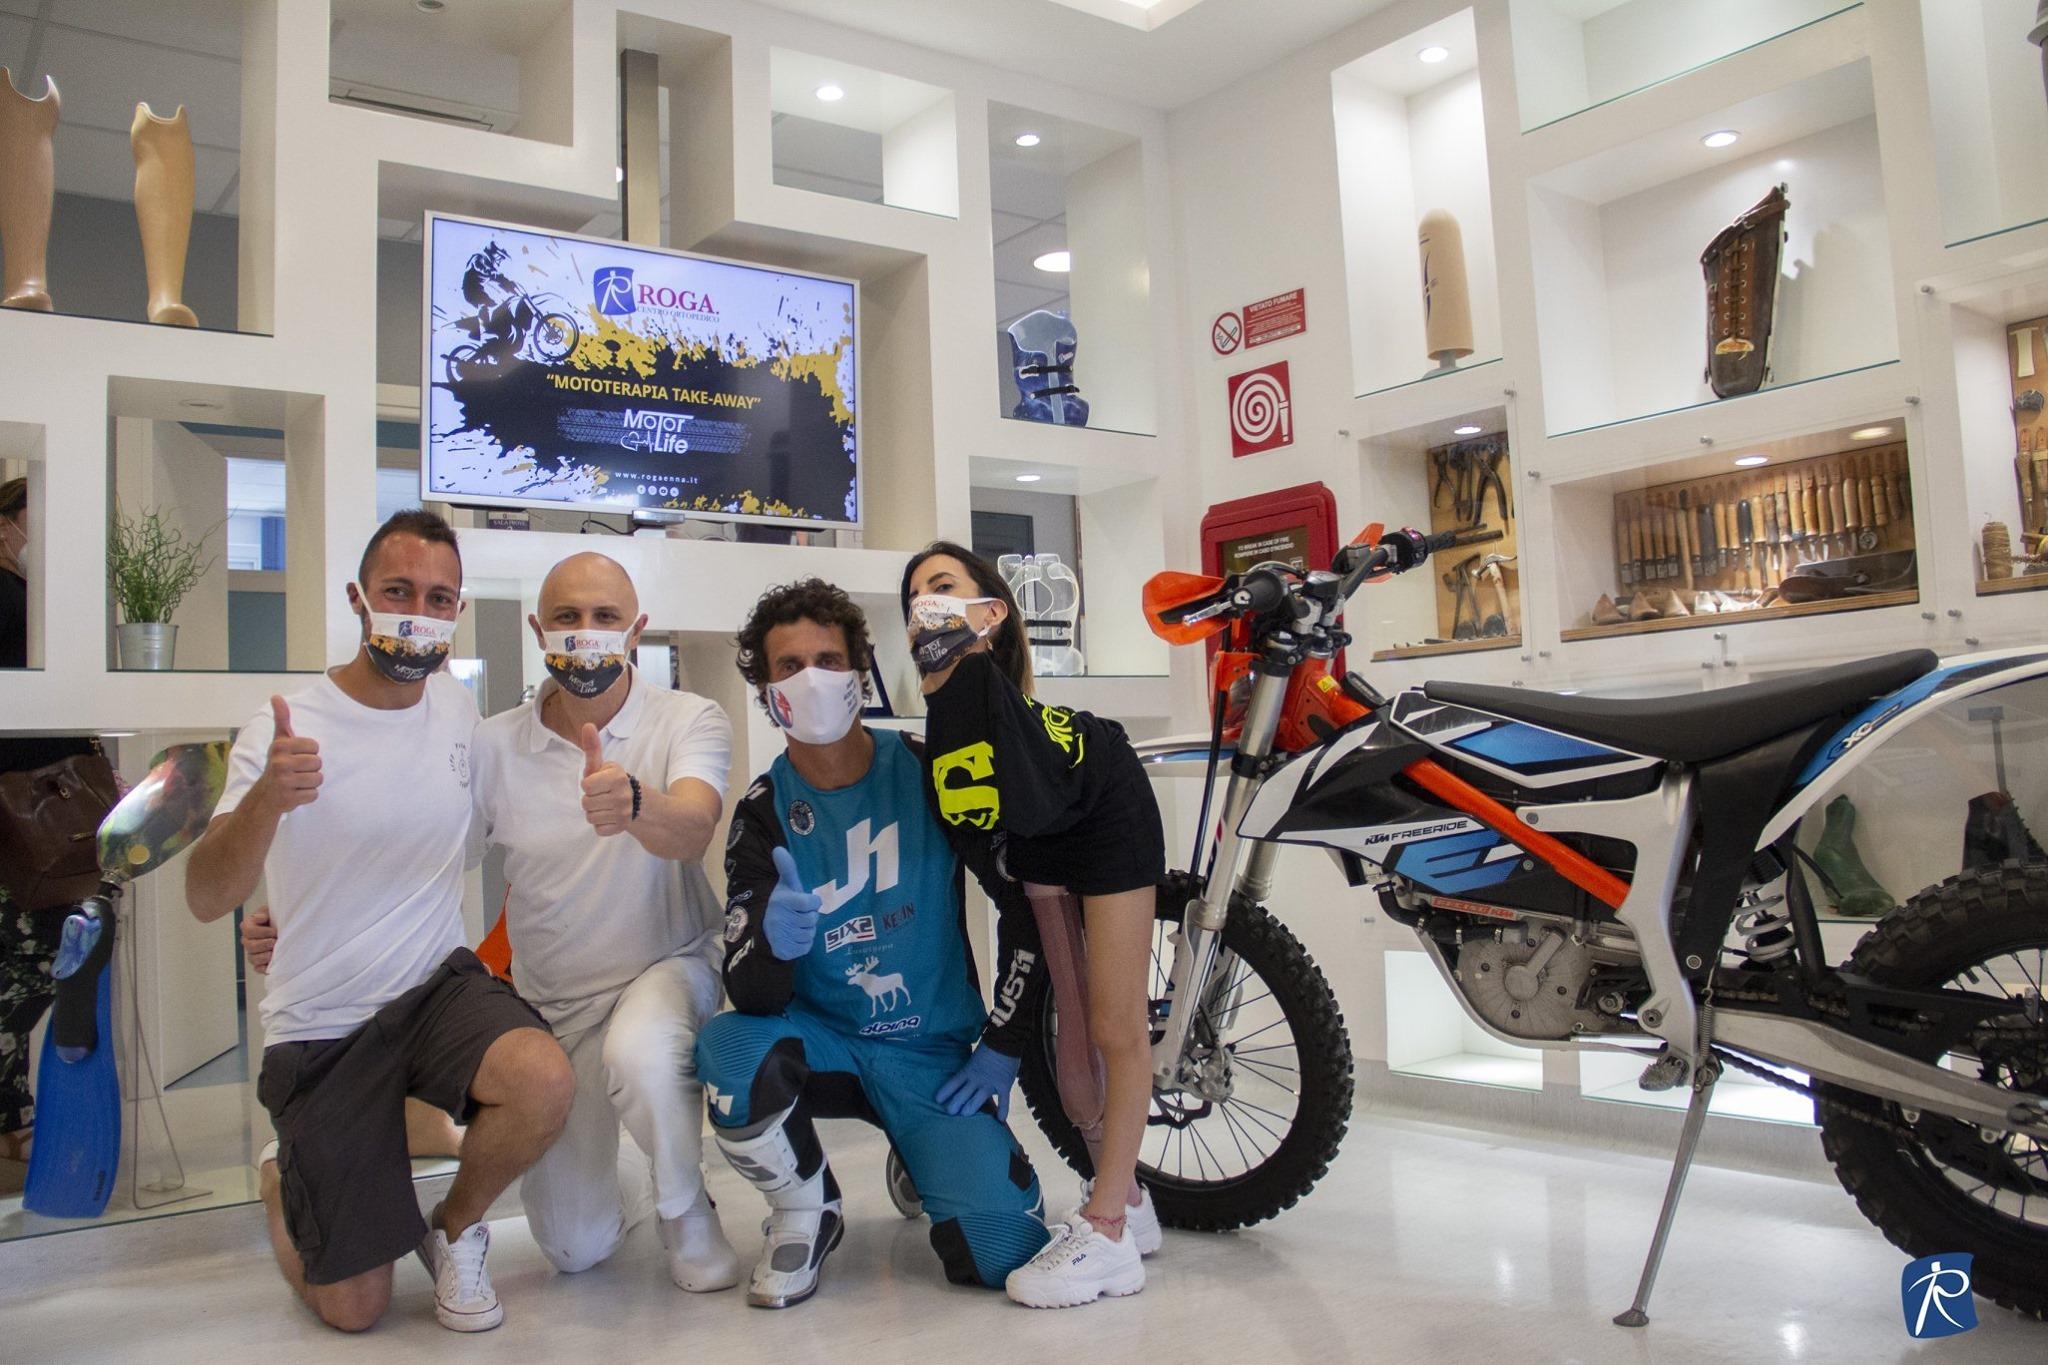 La Mototerapia Take-Away arriva al centro ortopedico RO.GA.